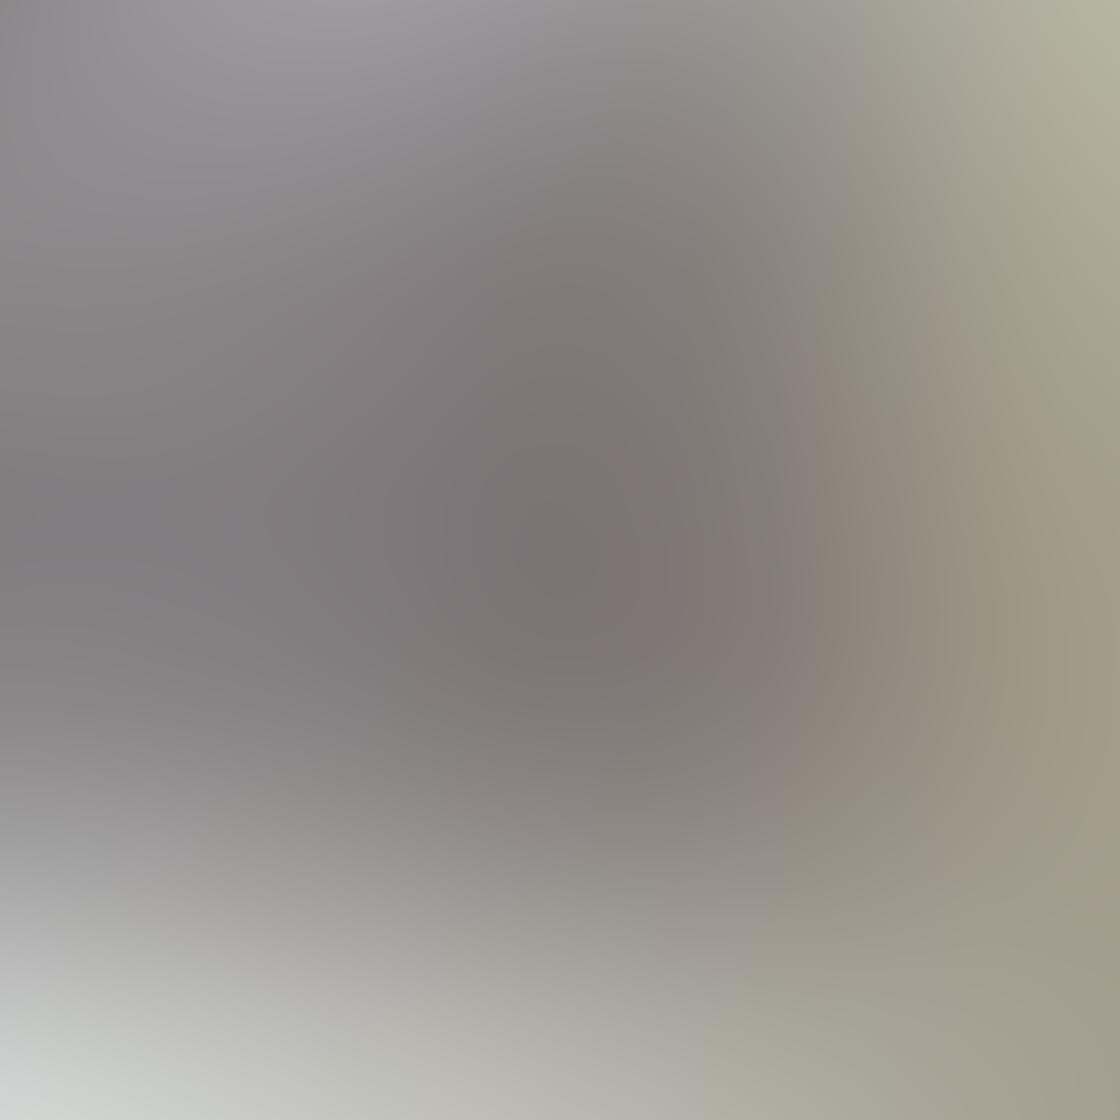 iPhone Photos Texture 54